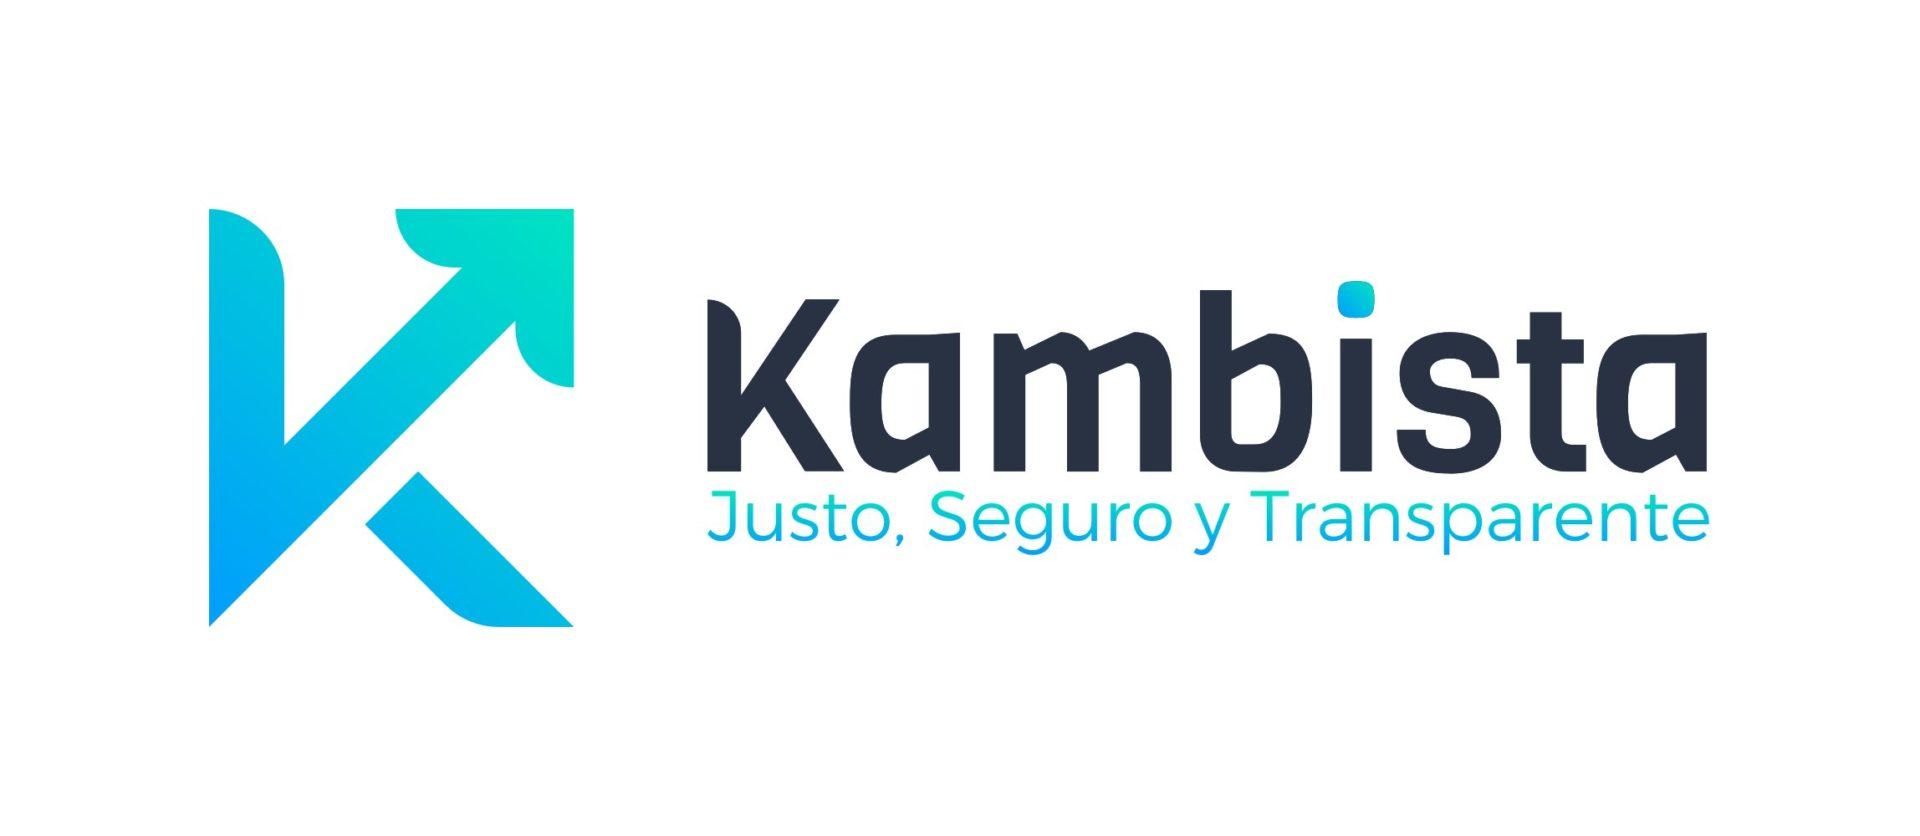 logo kambista – Inversión Simple